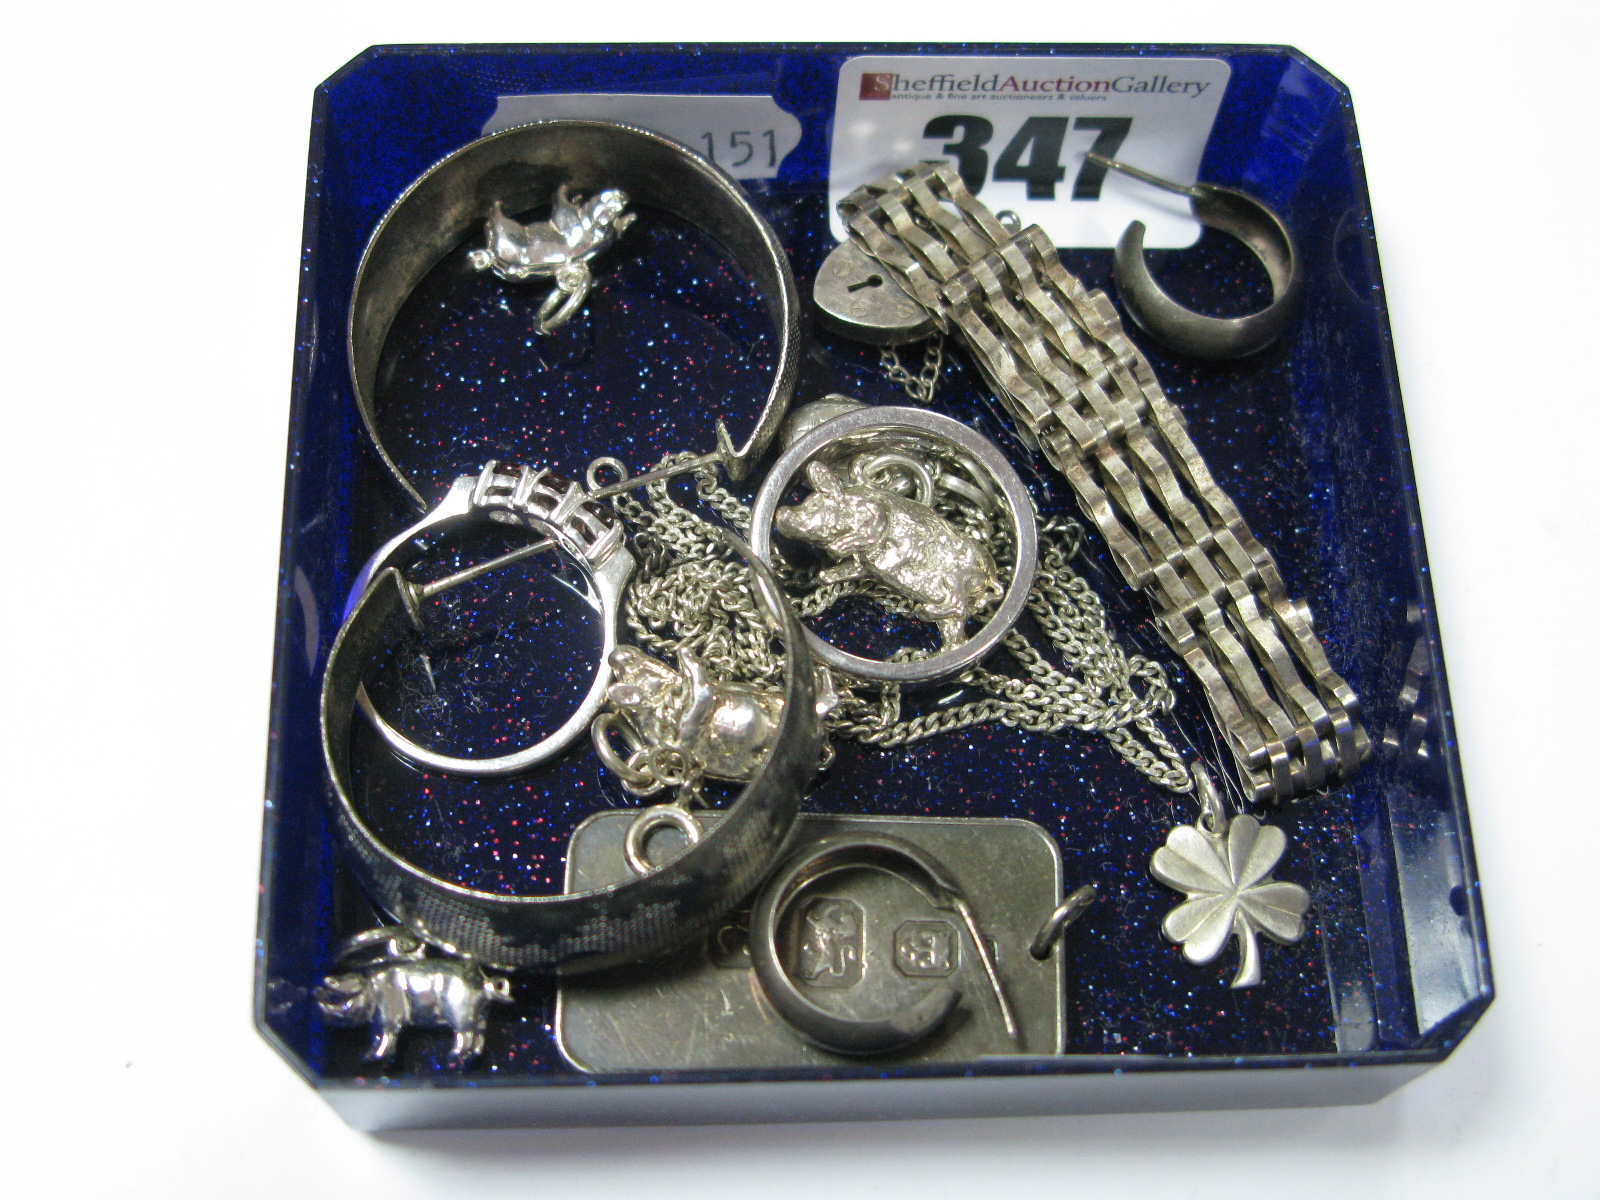 Lot 347 - A Hallmarked Silver Ingot Pendant, a bracelet with heart shape padlock style clasp, novelty charm